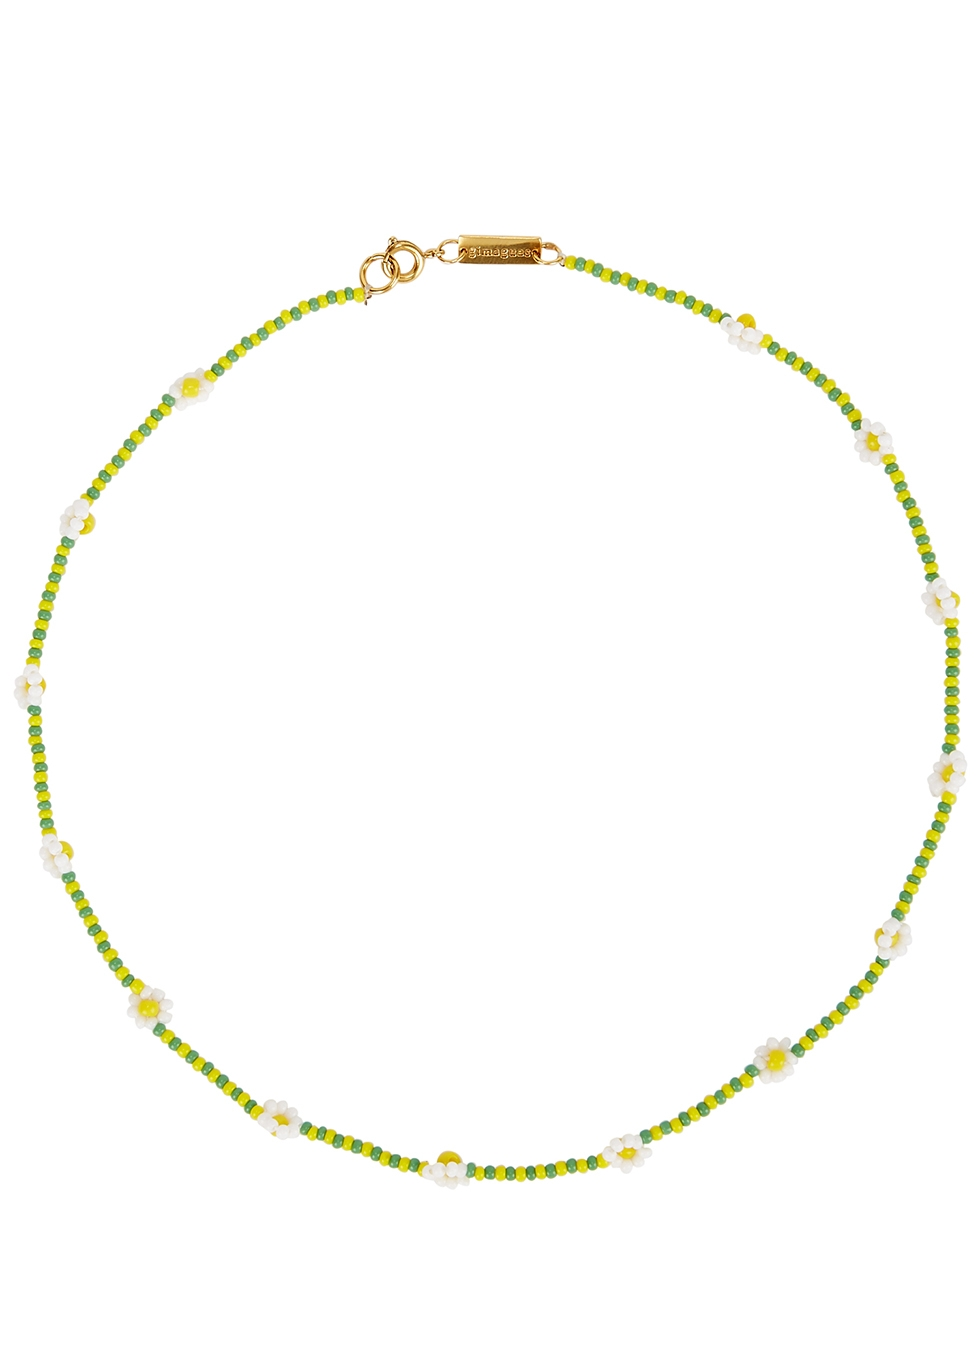 Daisy beaded necklace